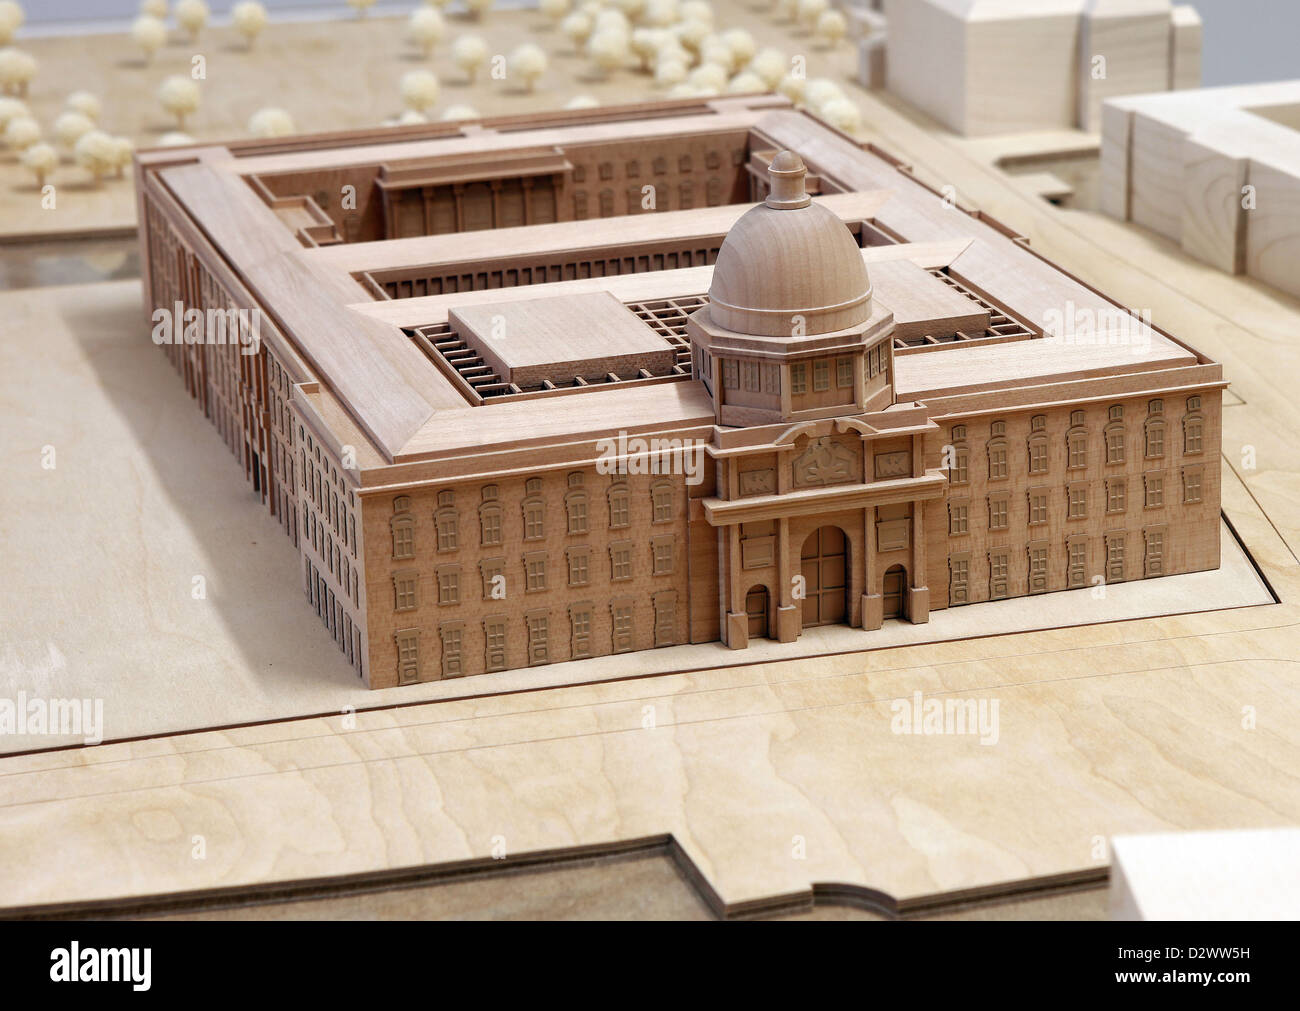 Berlin germany model of the berlin city palace stock - Mobeltown berlin ...